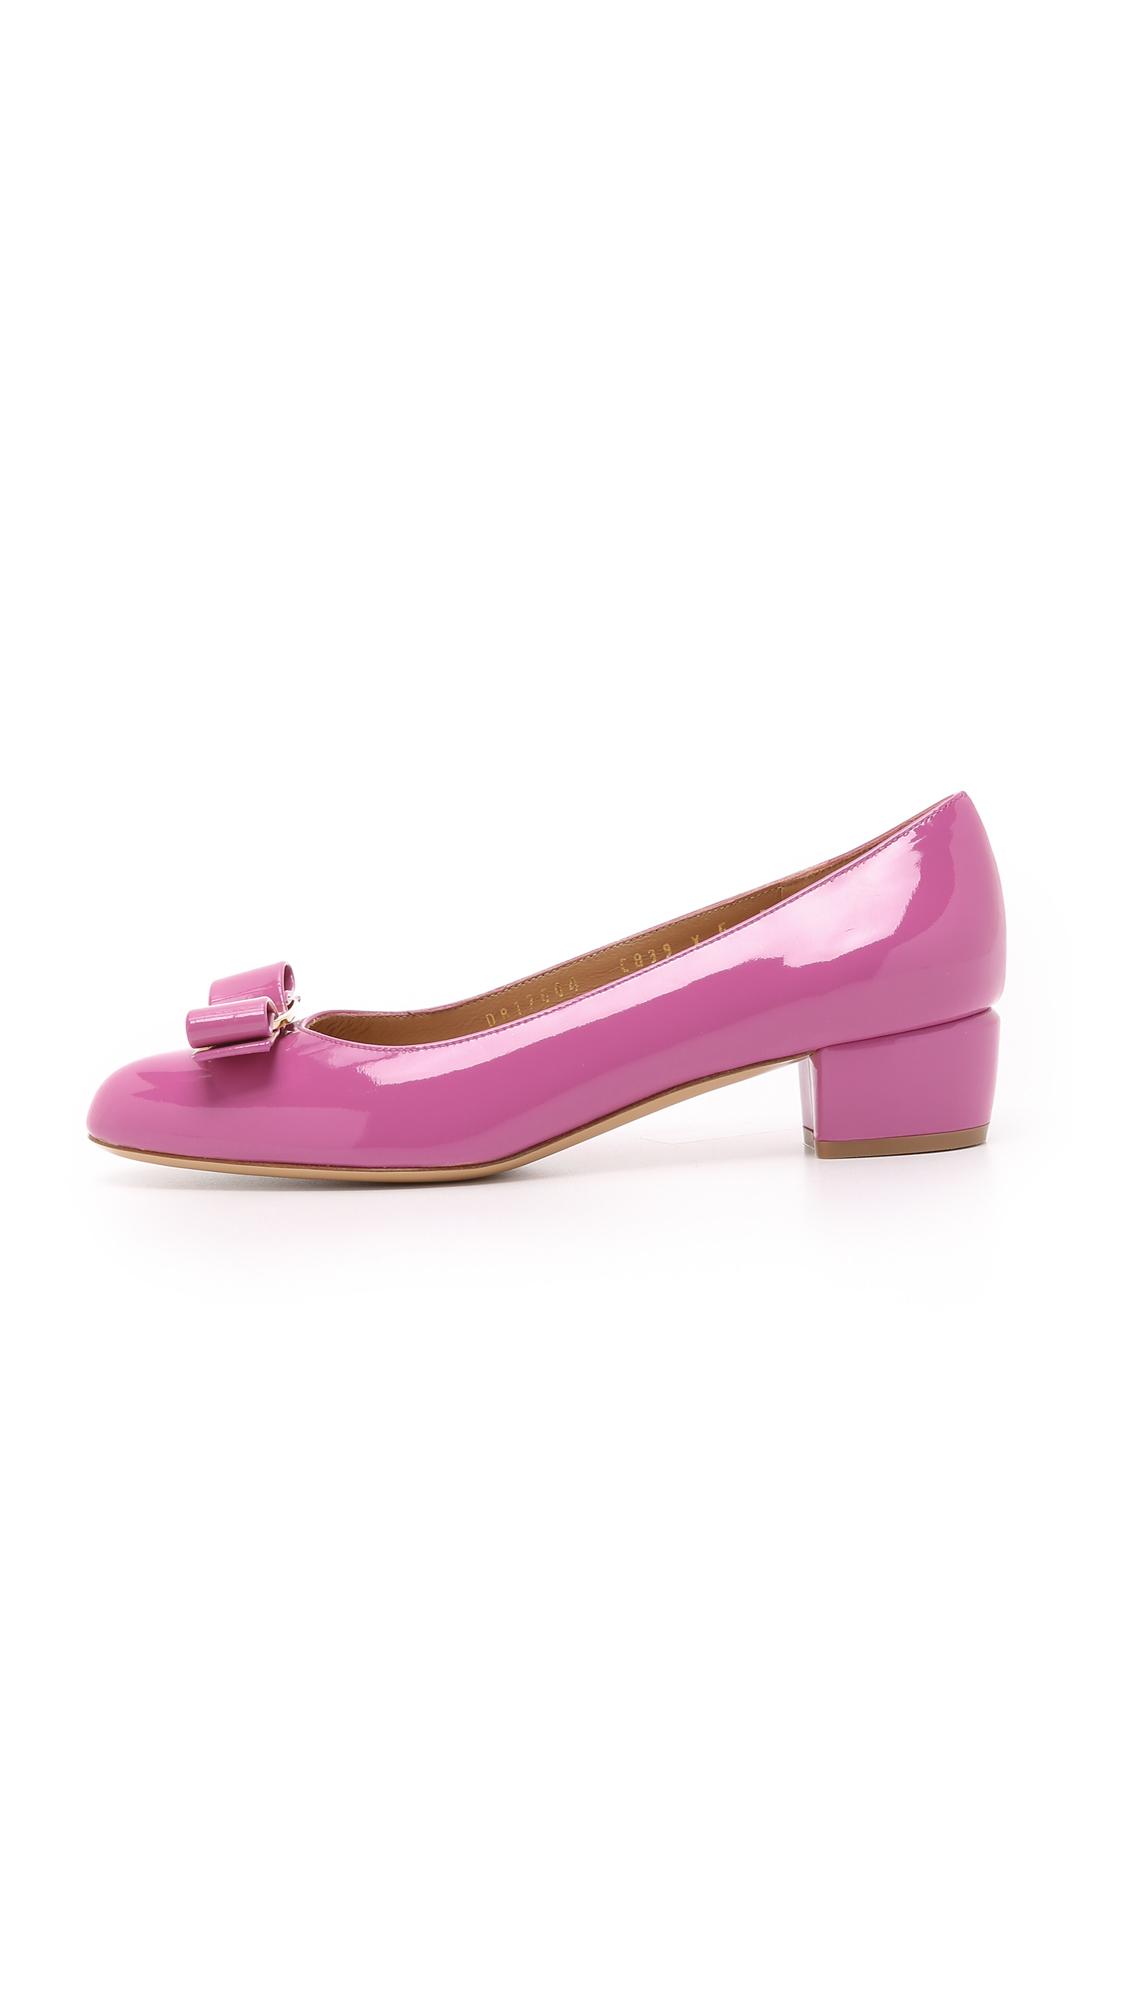 Purple Pumps Low Heel